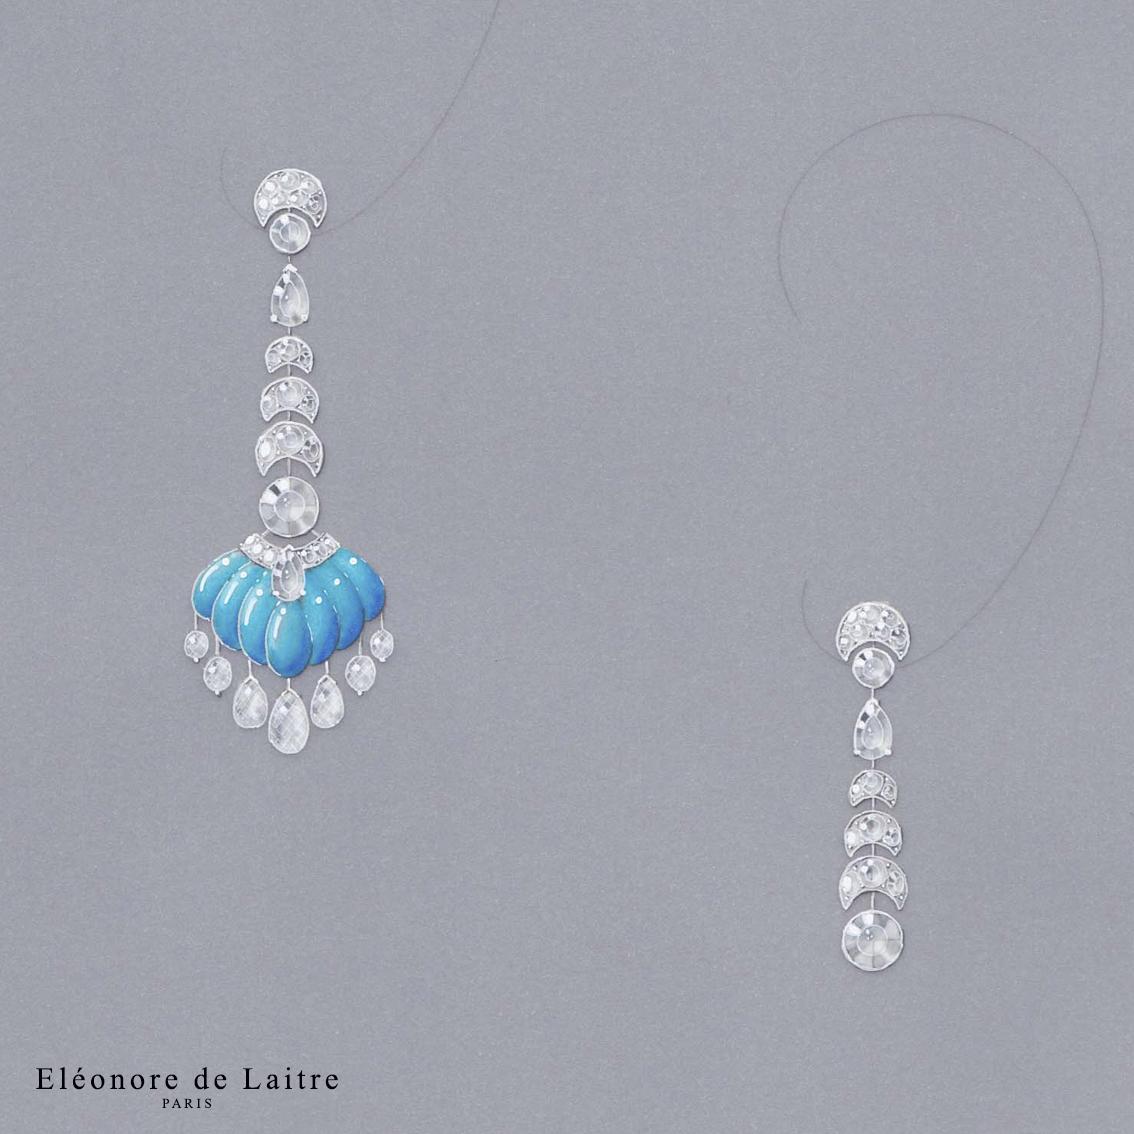 Eléonore de Laitre - Création gouachée - MO Clair de Lune - Diamants, turquoise, or blanc.